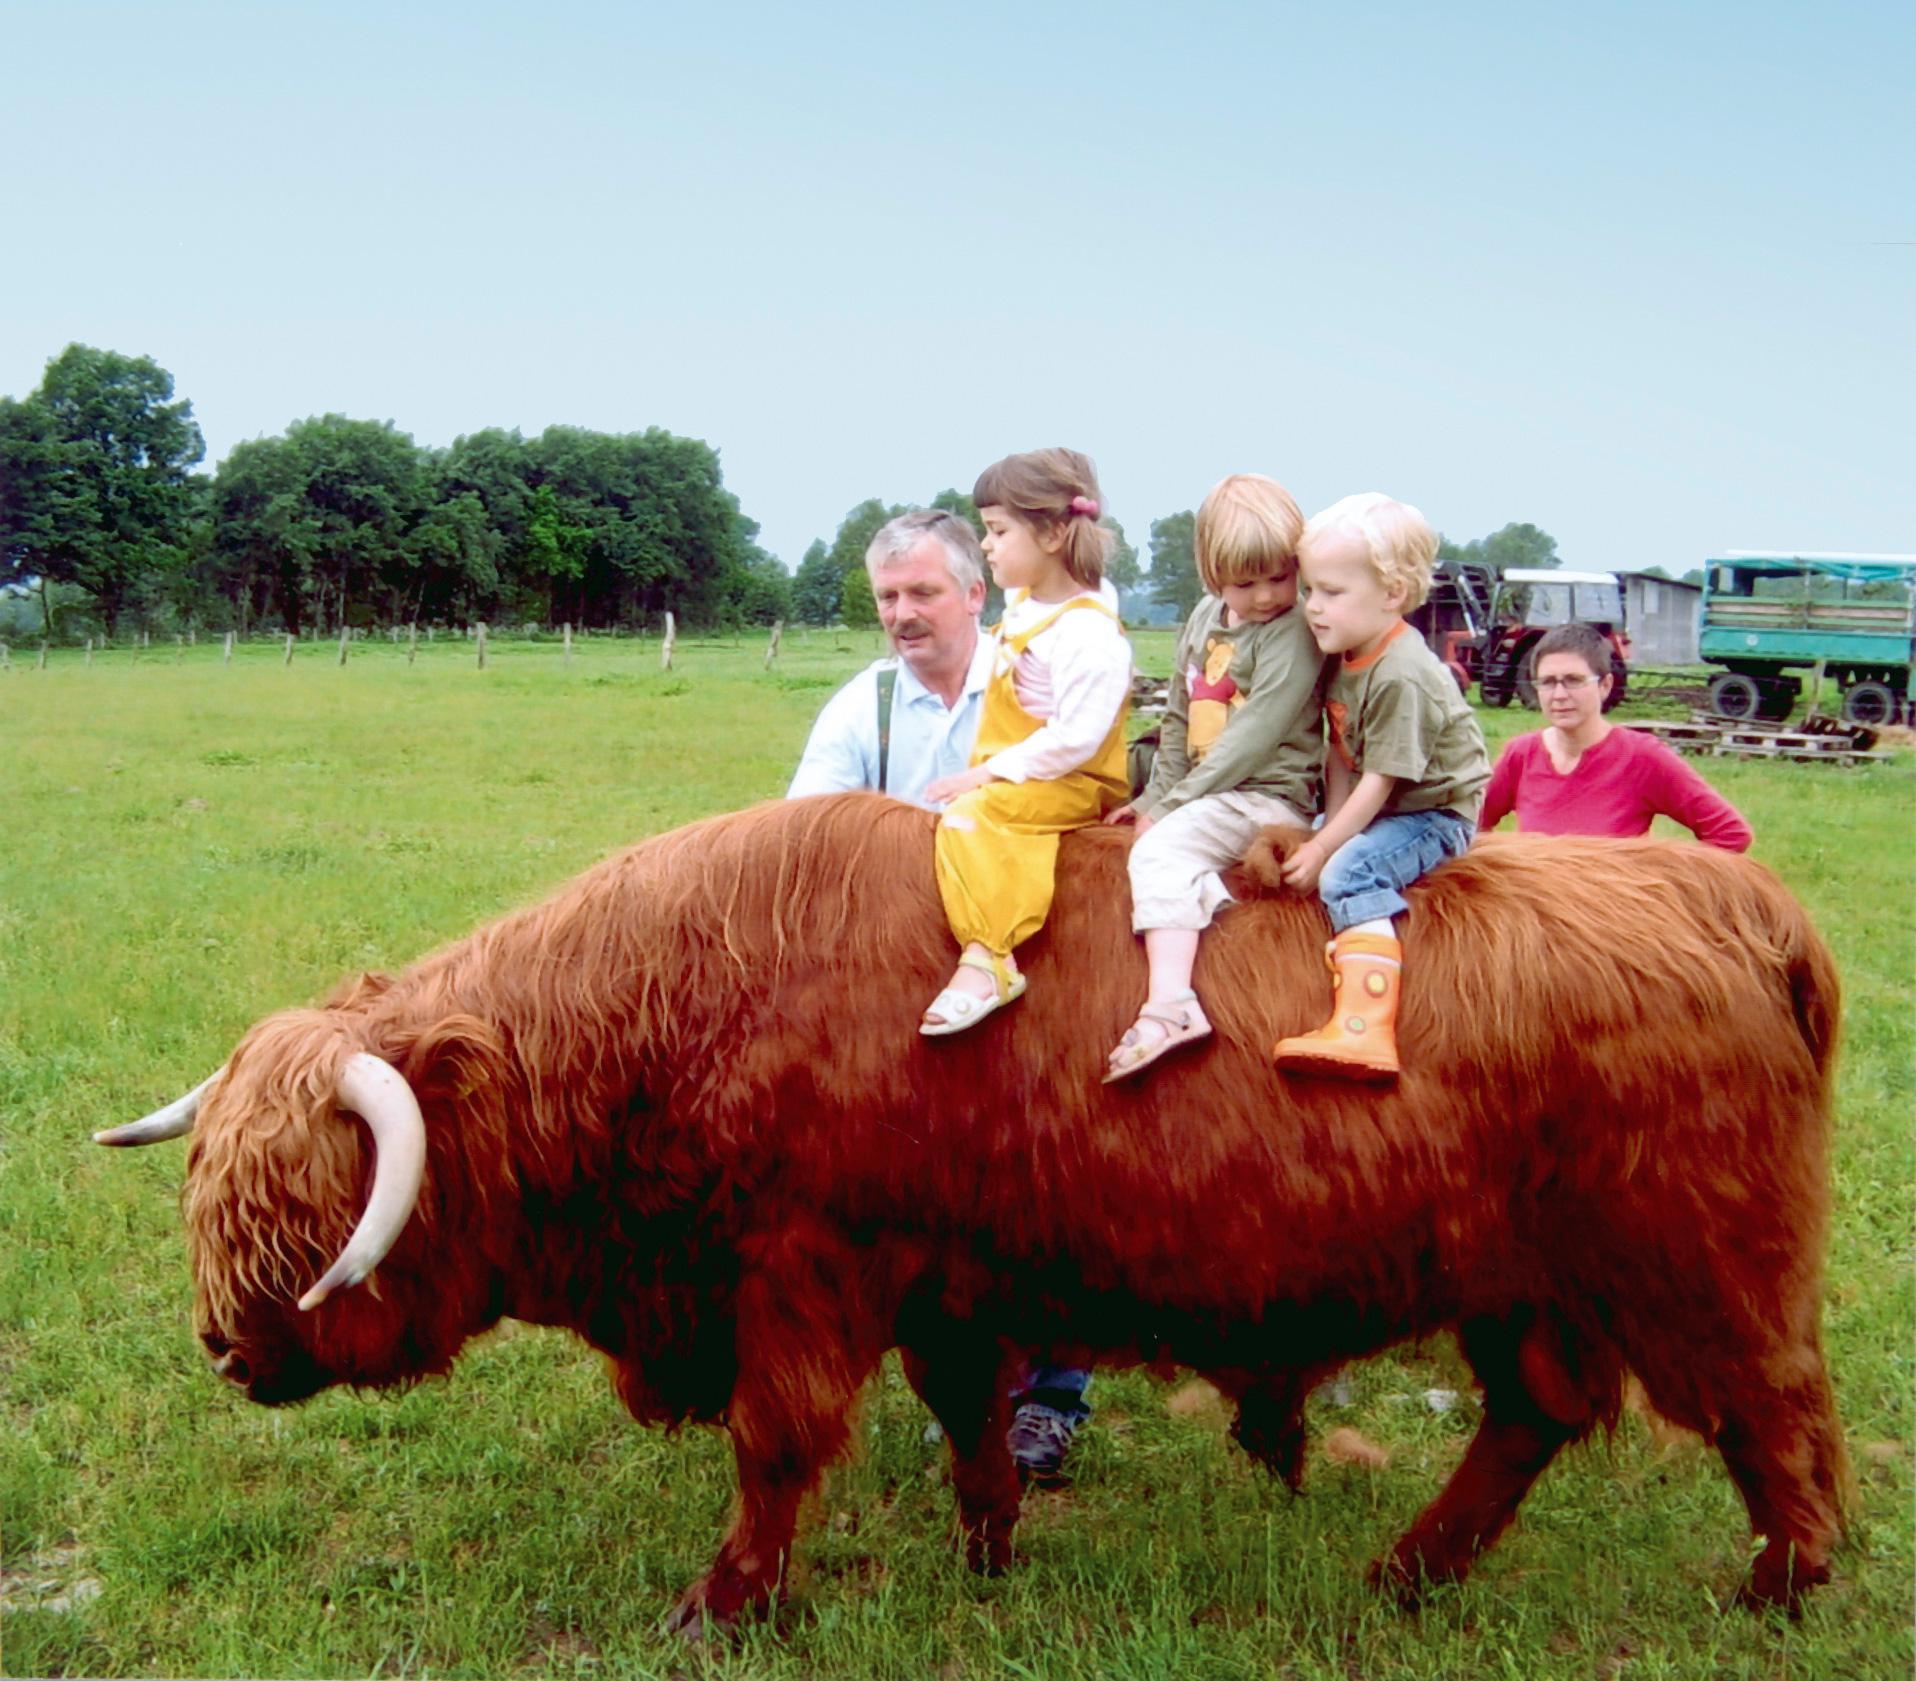 Unser Highlandbulle Gustel ist so zutraulich, dass mutige Kinder auf ihm Platz nehmen können.